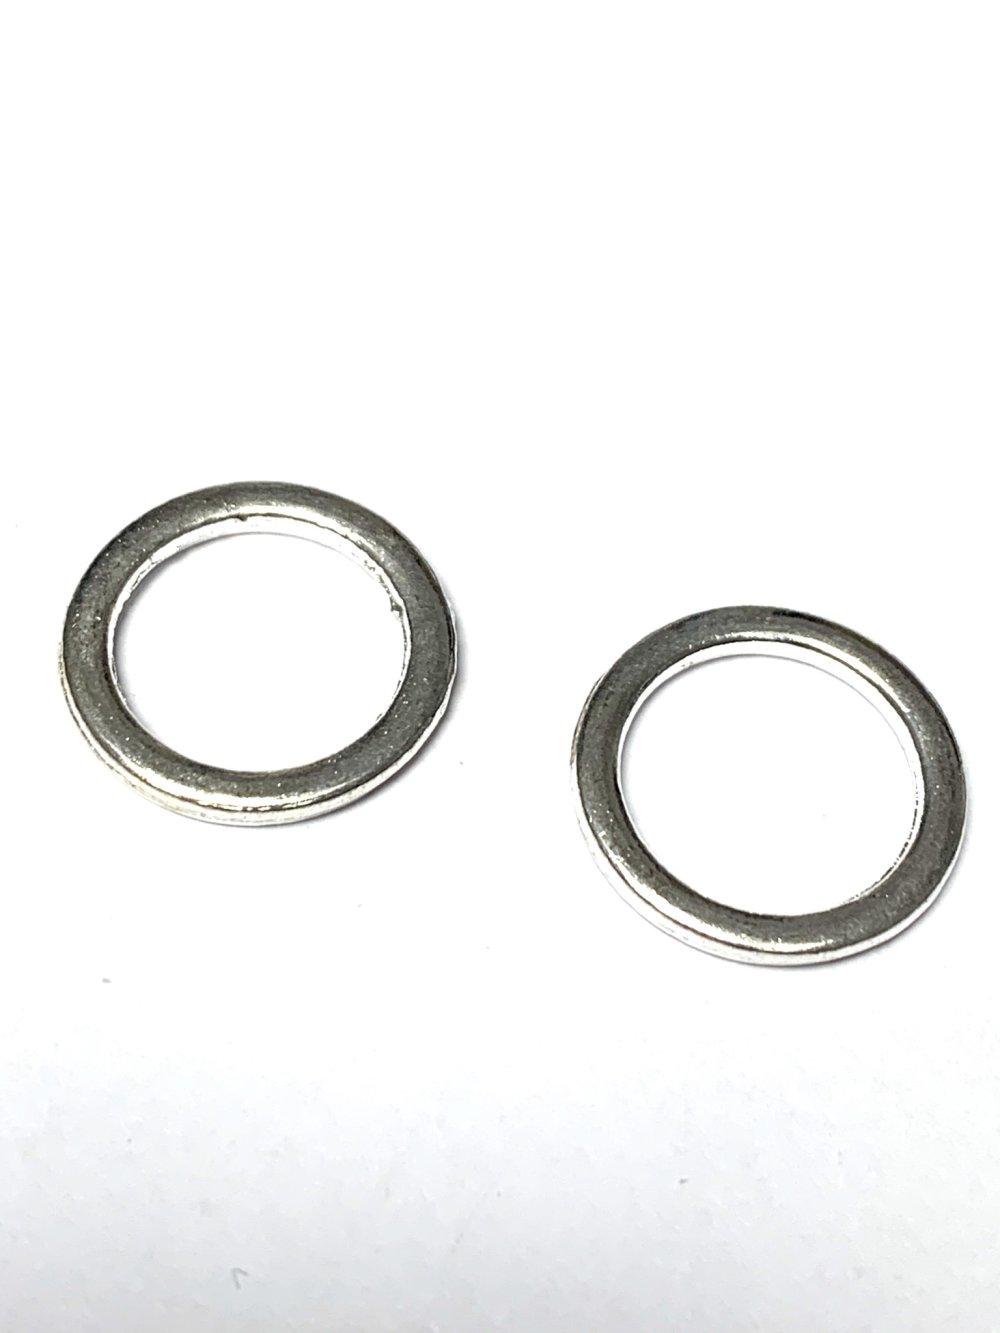 2 anneaux fermés 1,9cm de diamètre